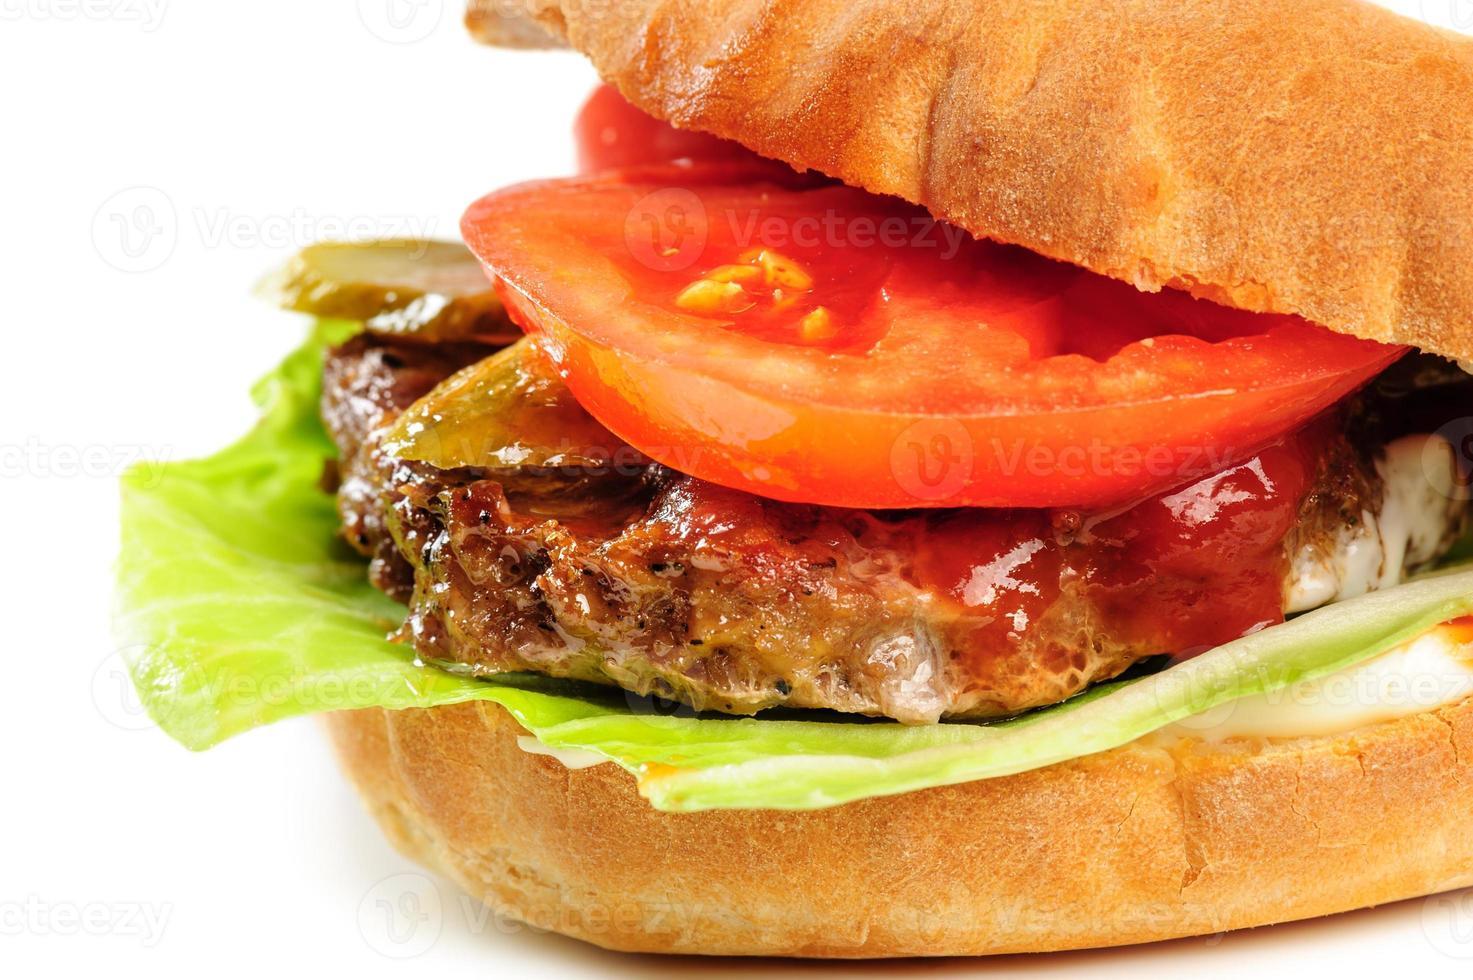 parte realistica dell'hamburger foto